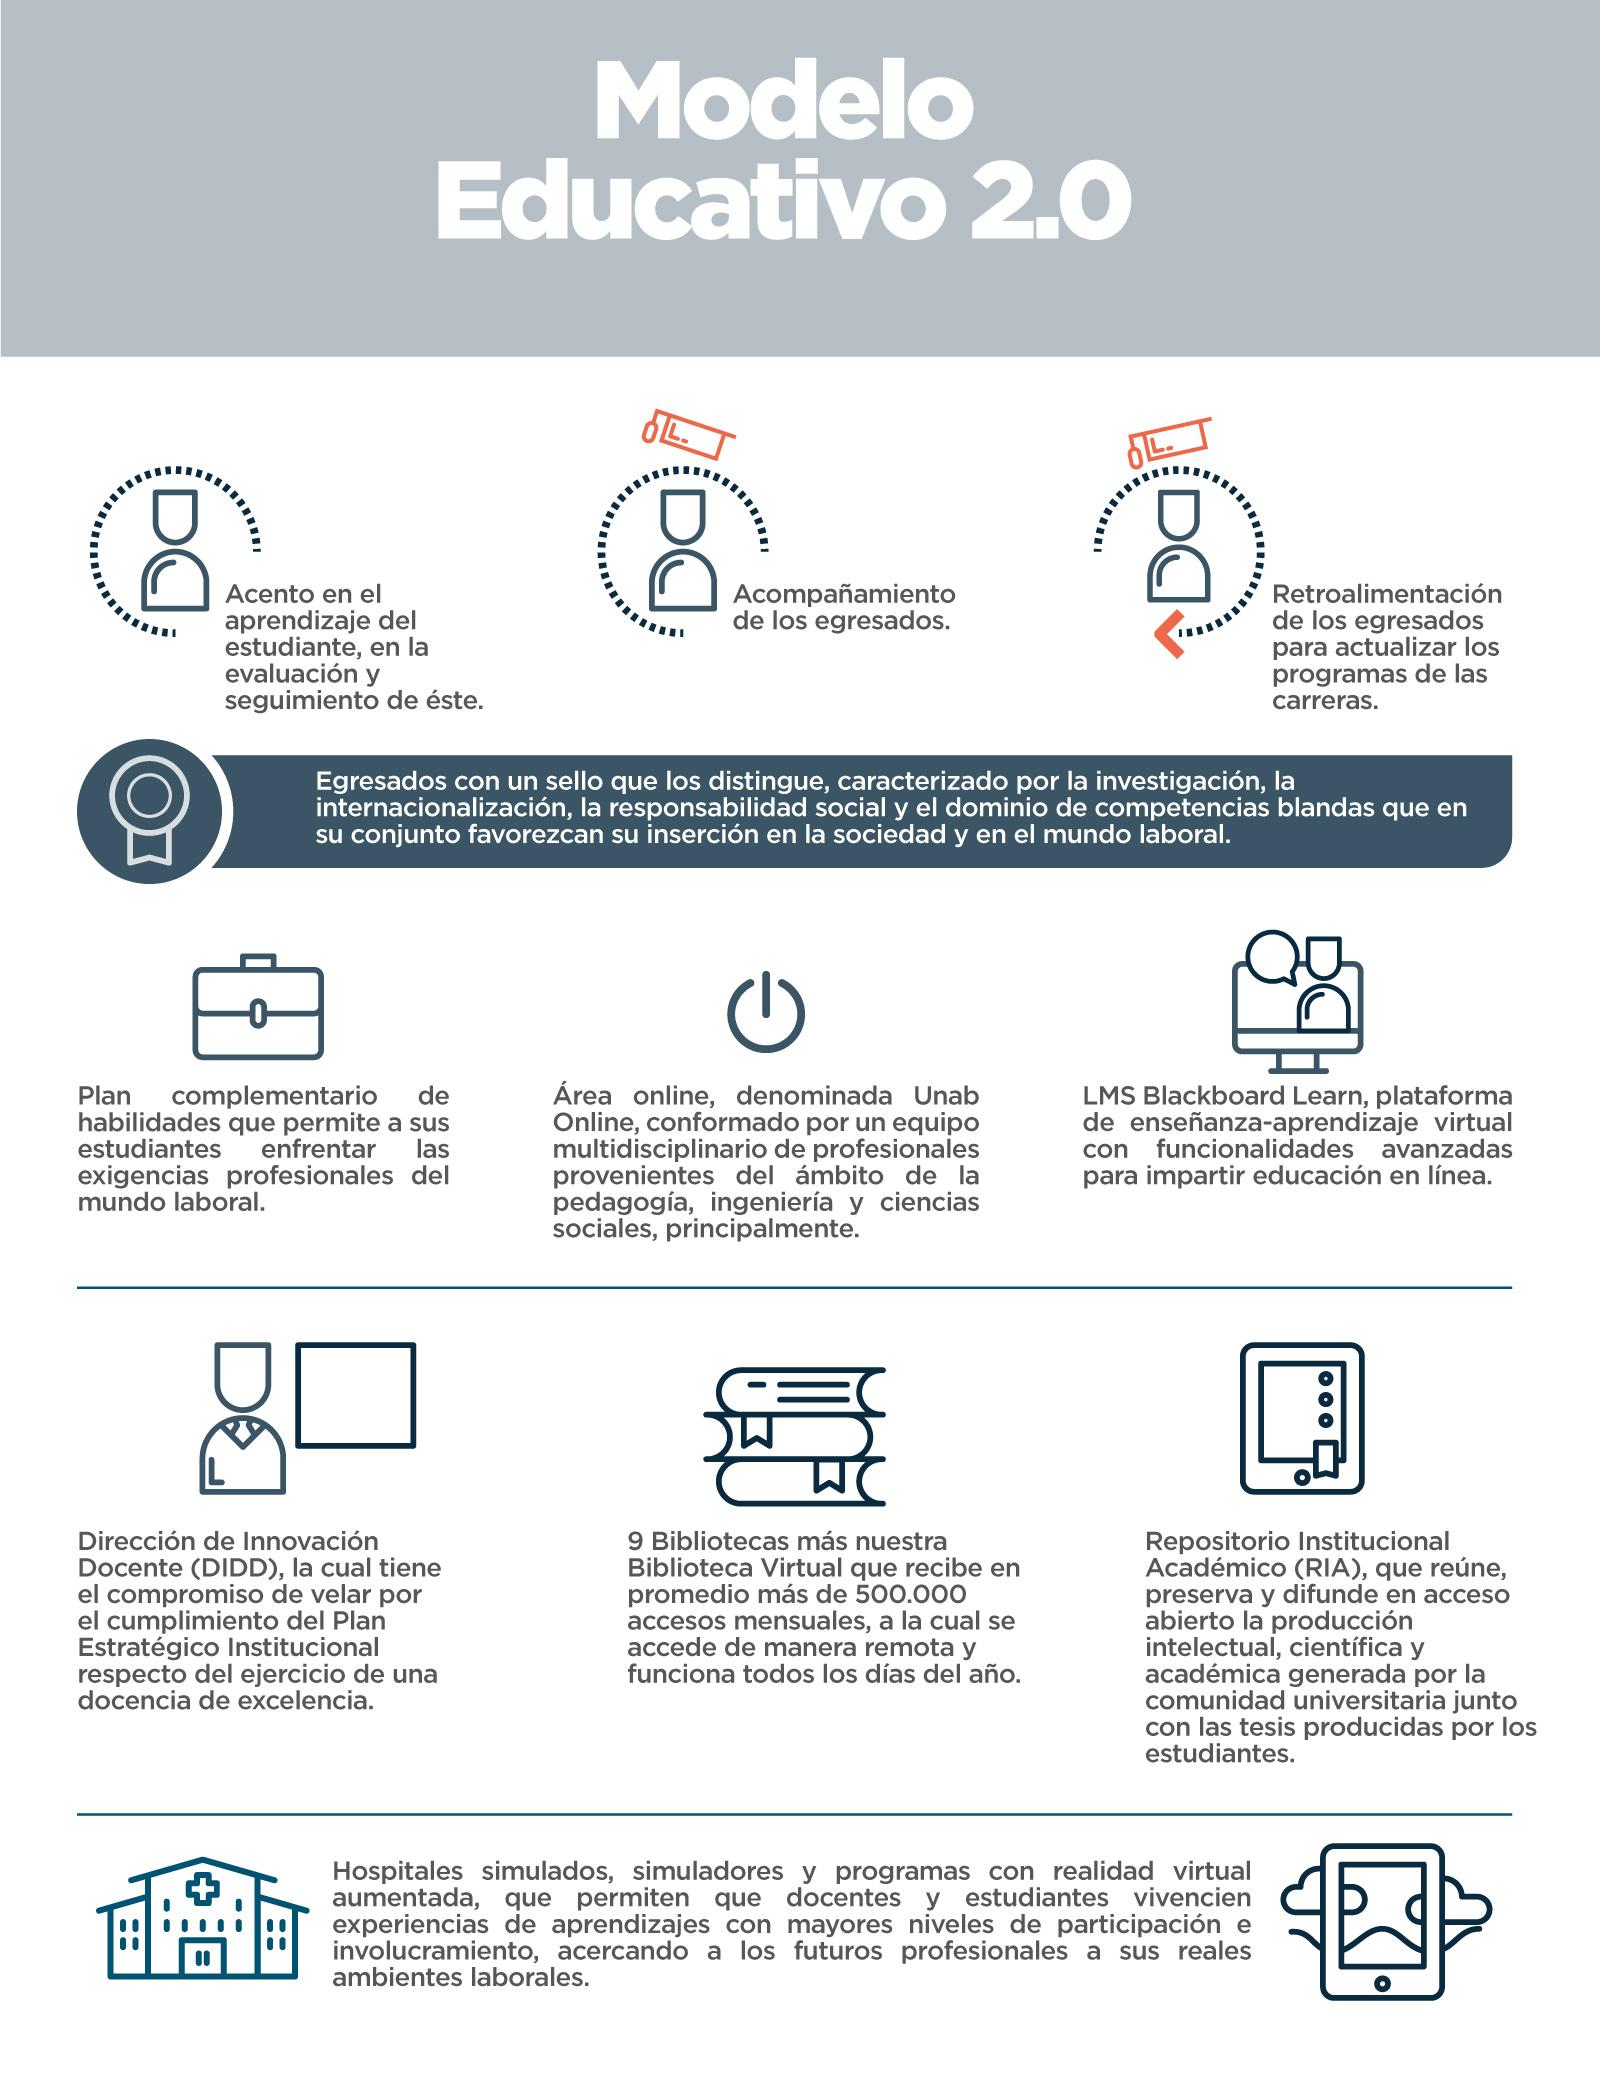 Infografía modelo educativo 2.0 UNAB